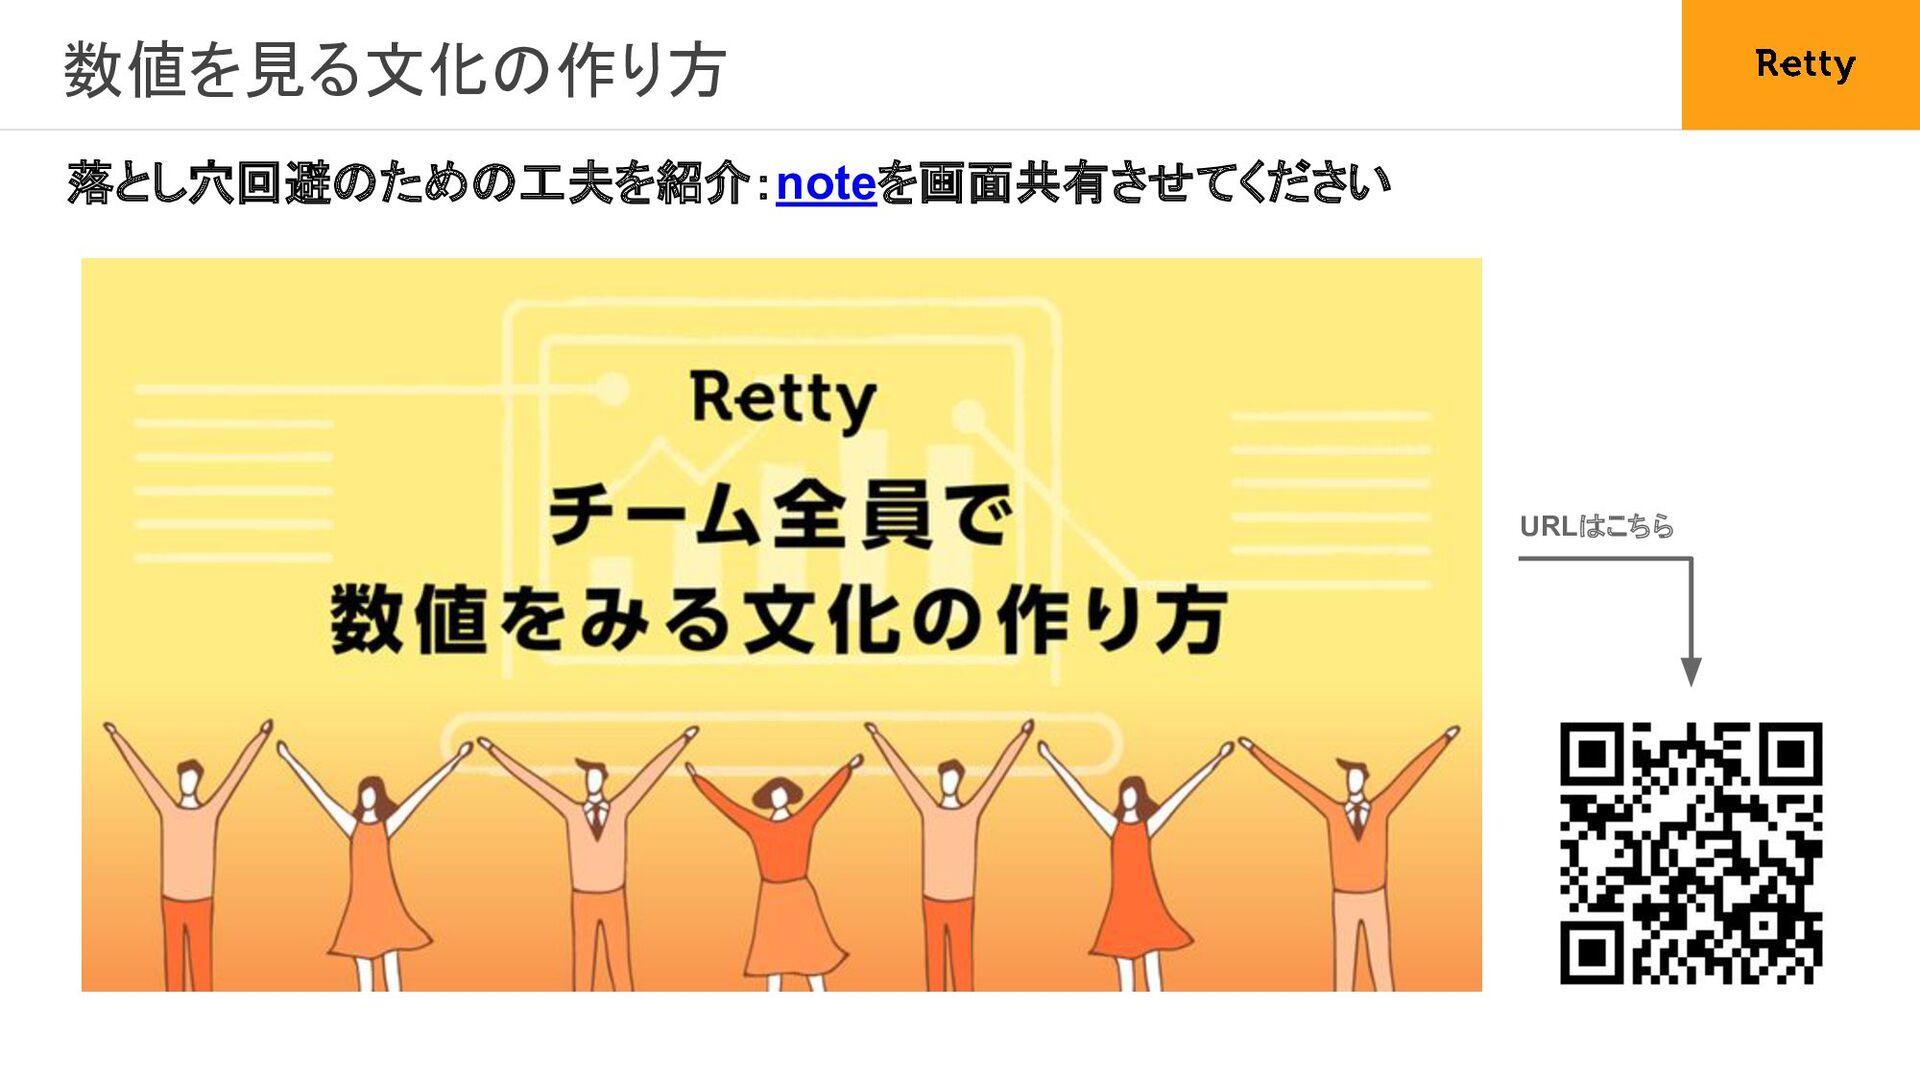 6. データアナリストからの PM転向 32